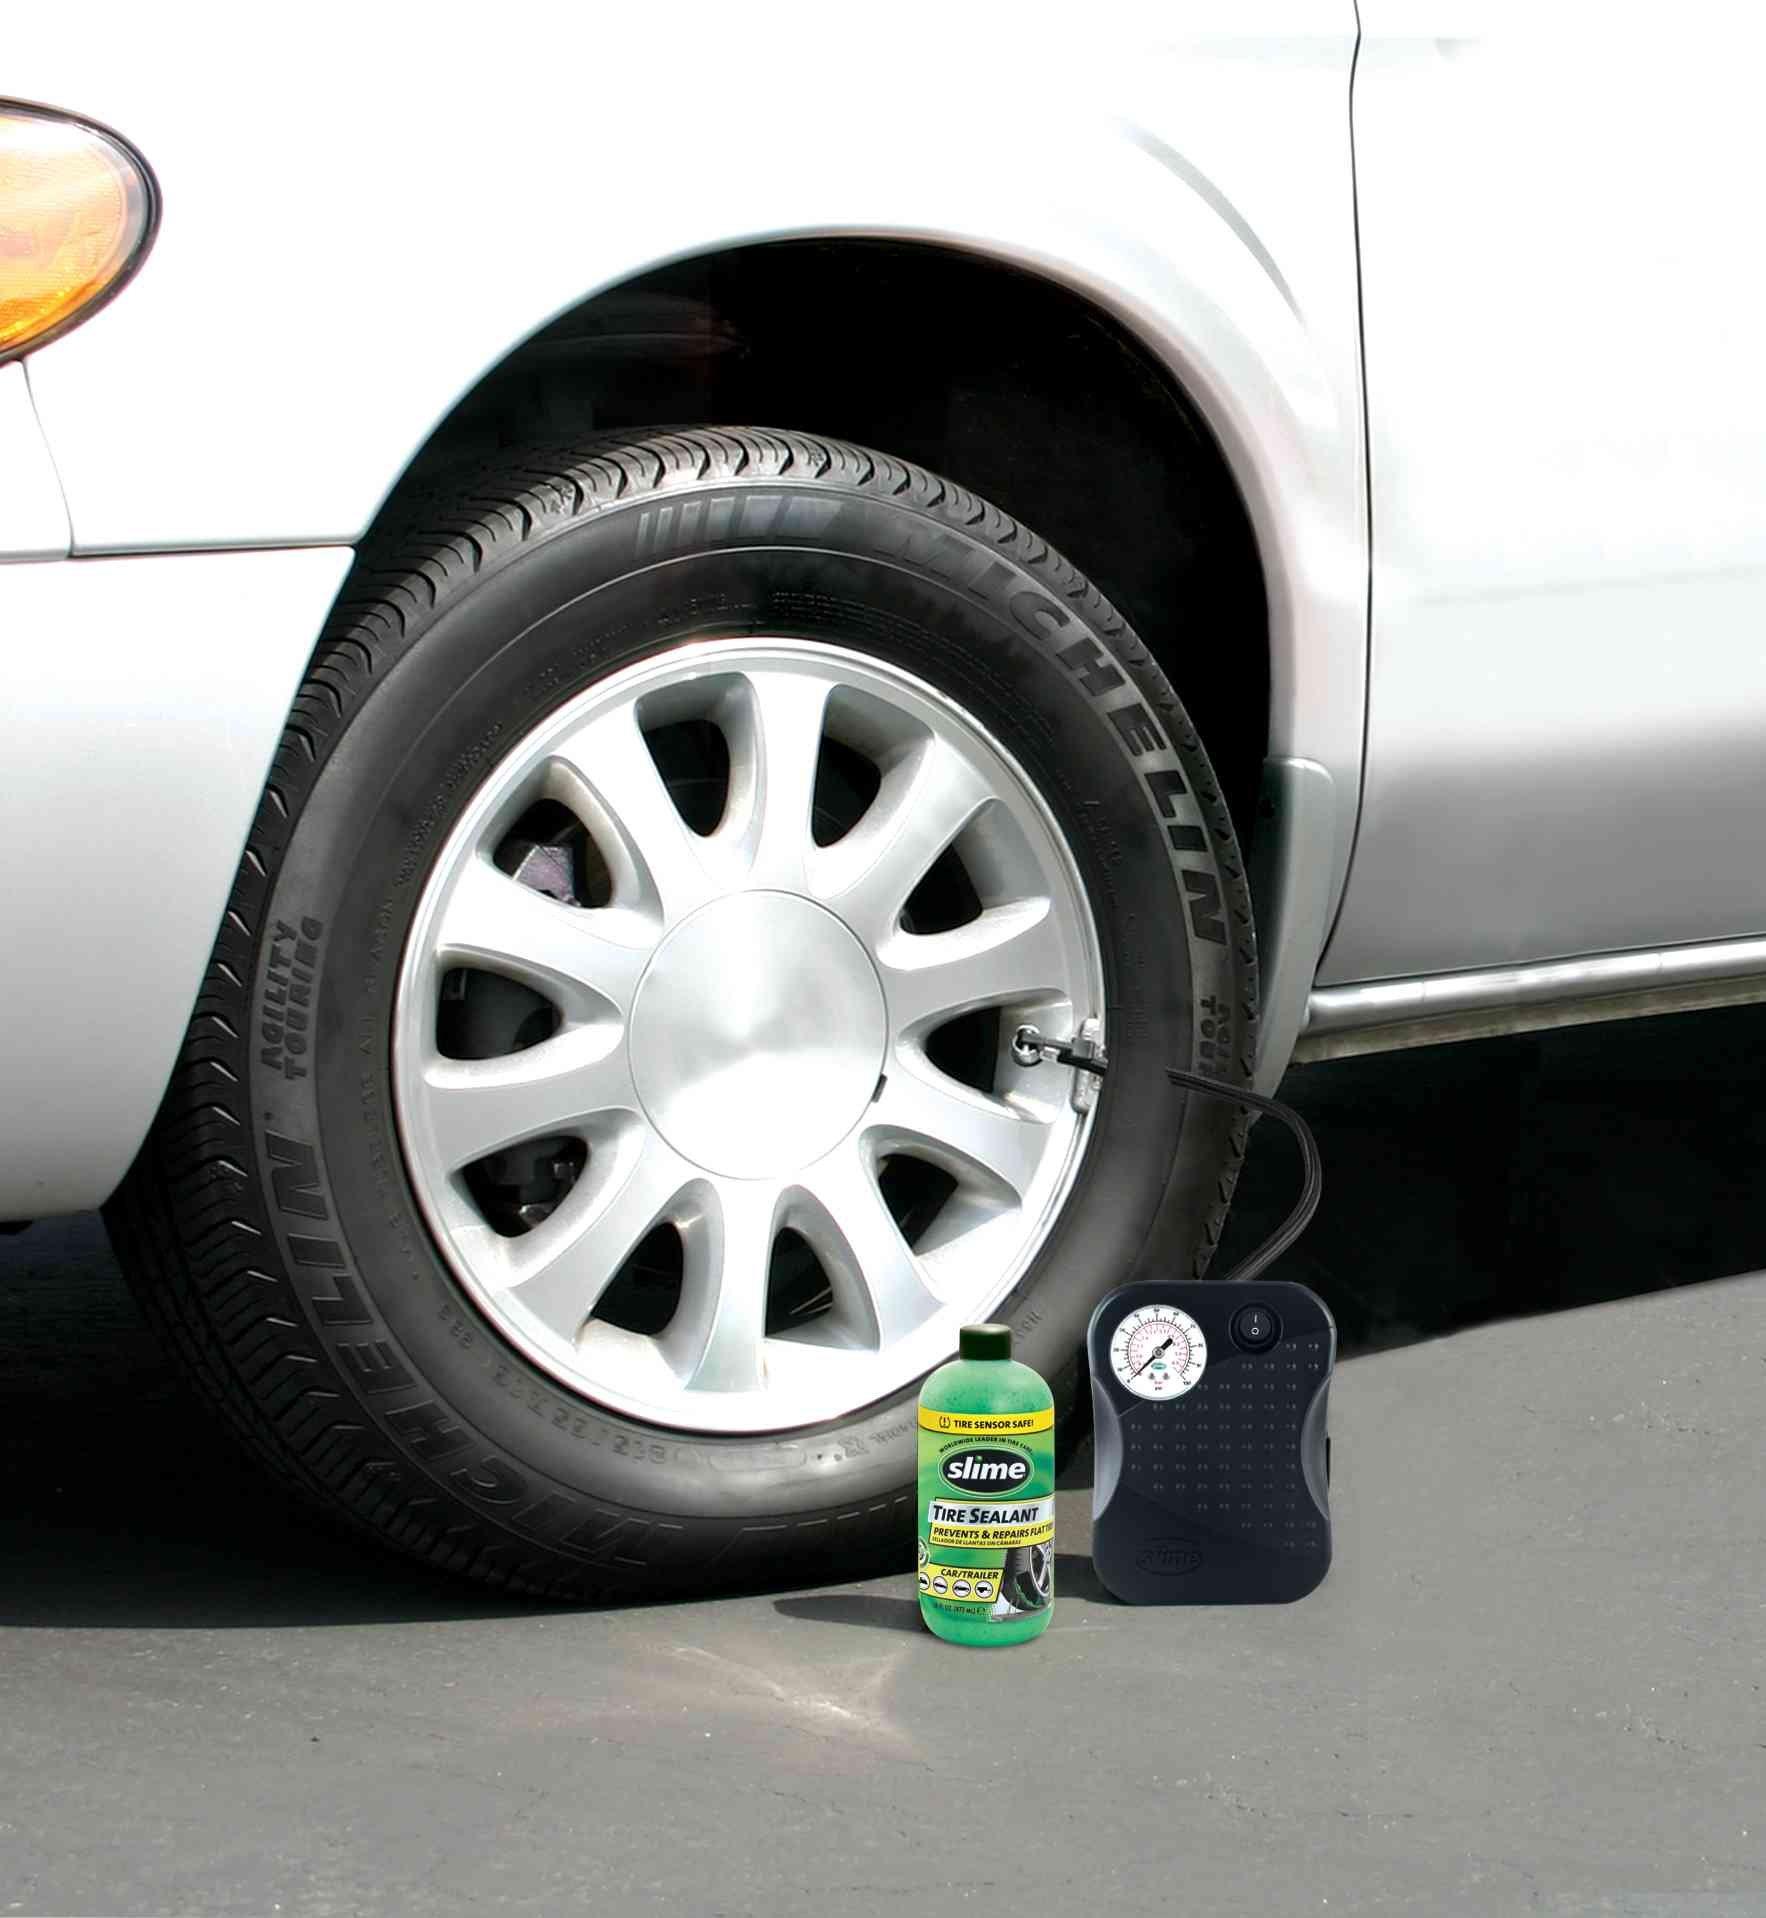 Slime 50107 Smart Spair Emergency Tire Repair Kit by Slime (Image #4)